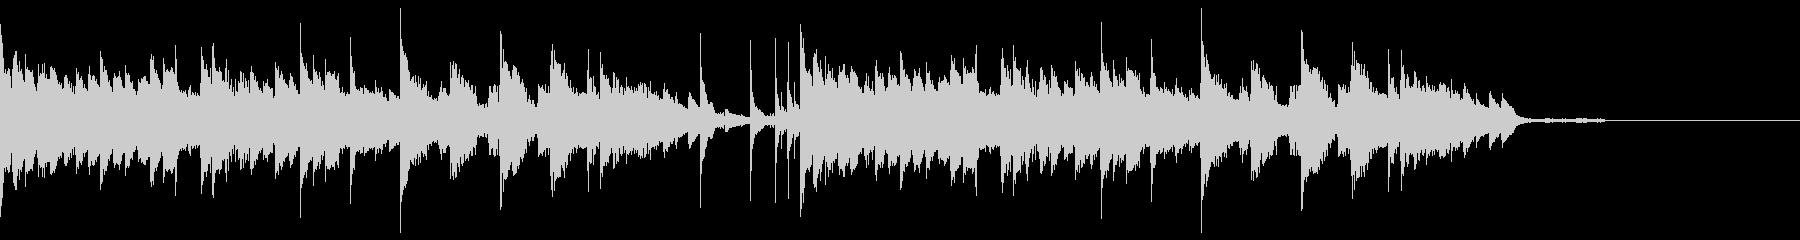 ピアノジングル7、クール、和風の未再生の波形